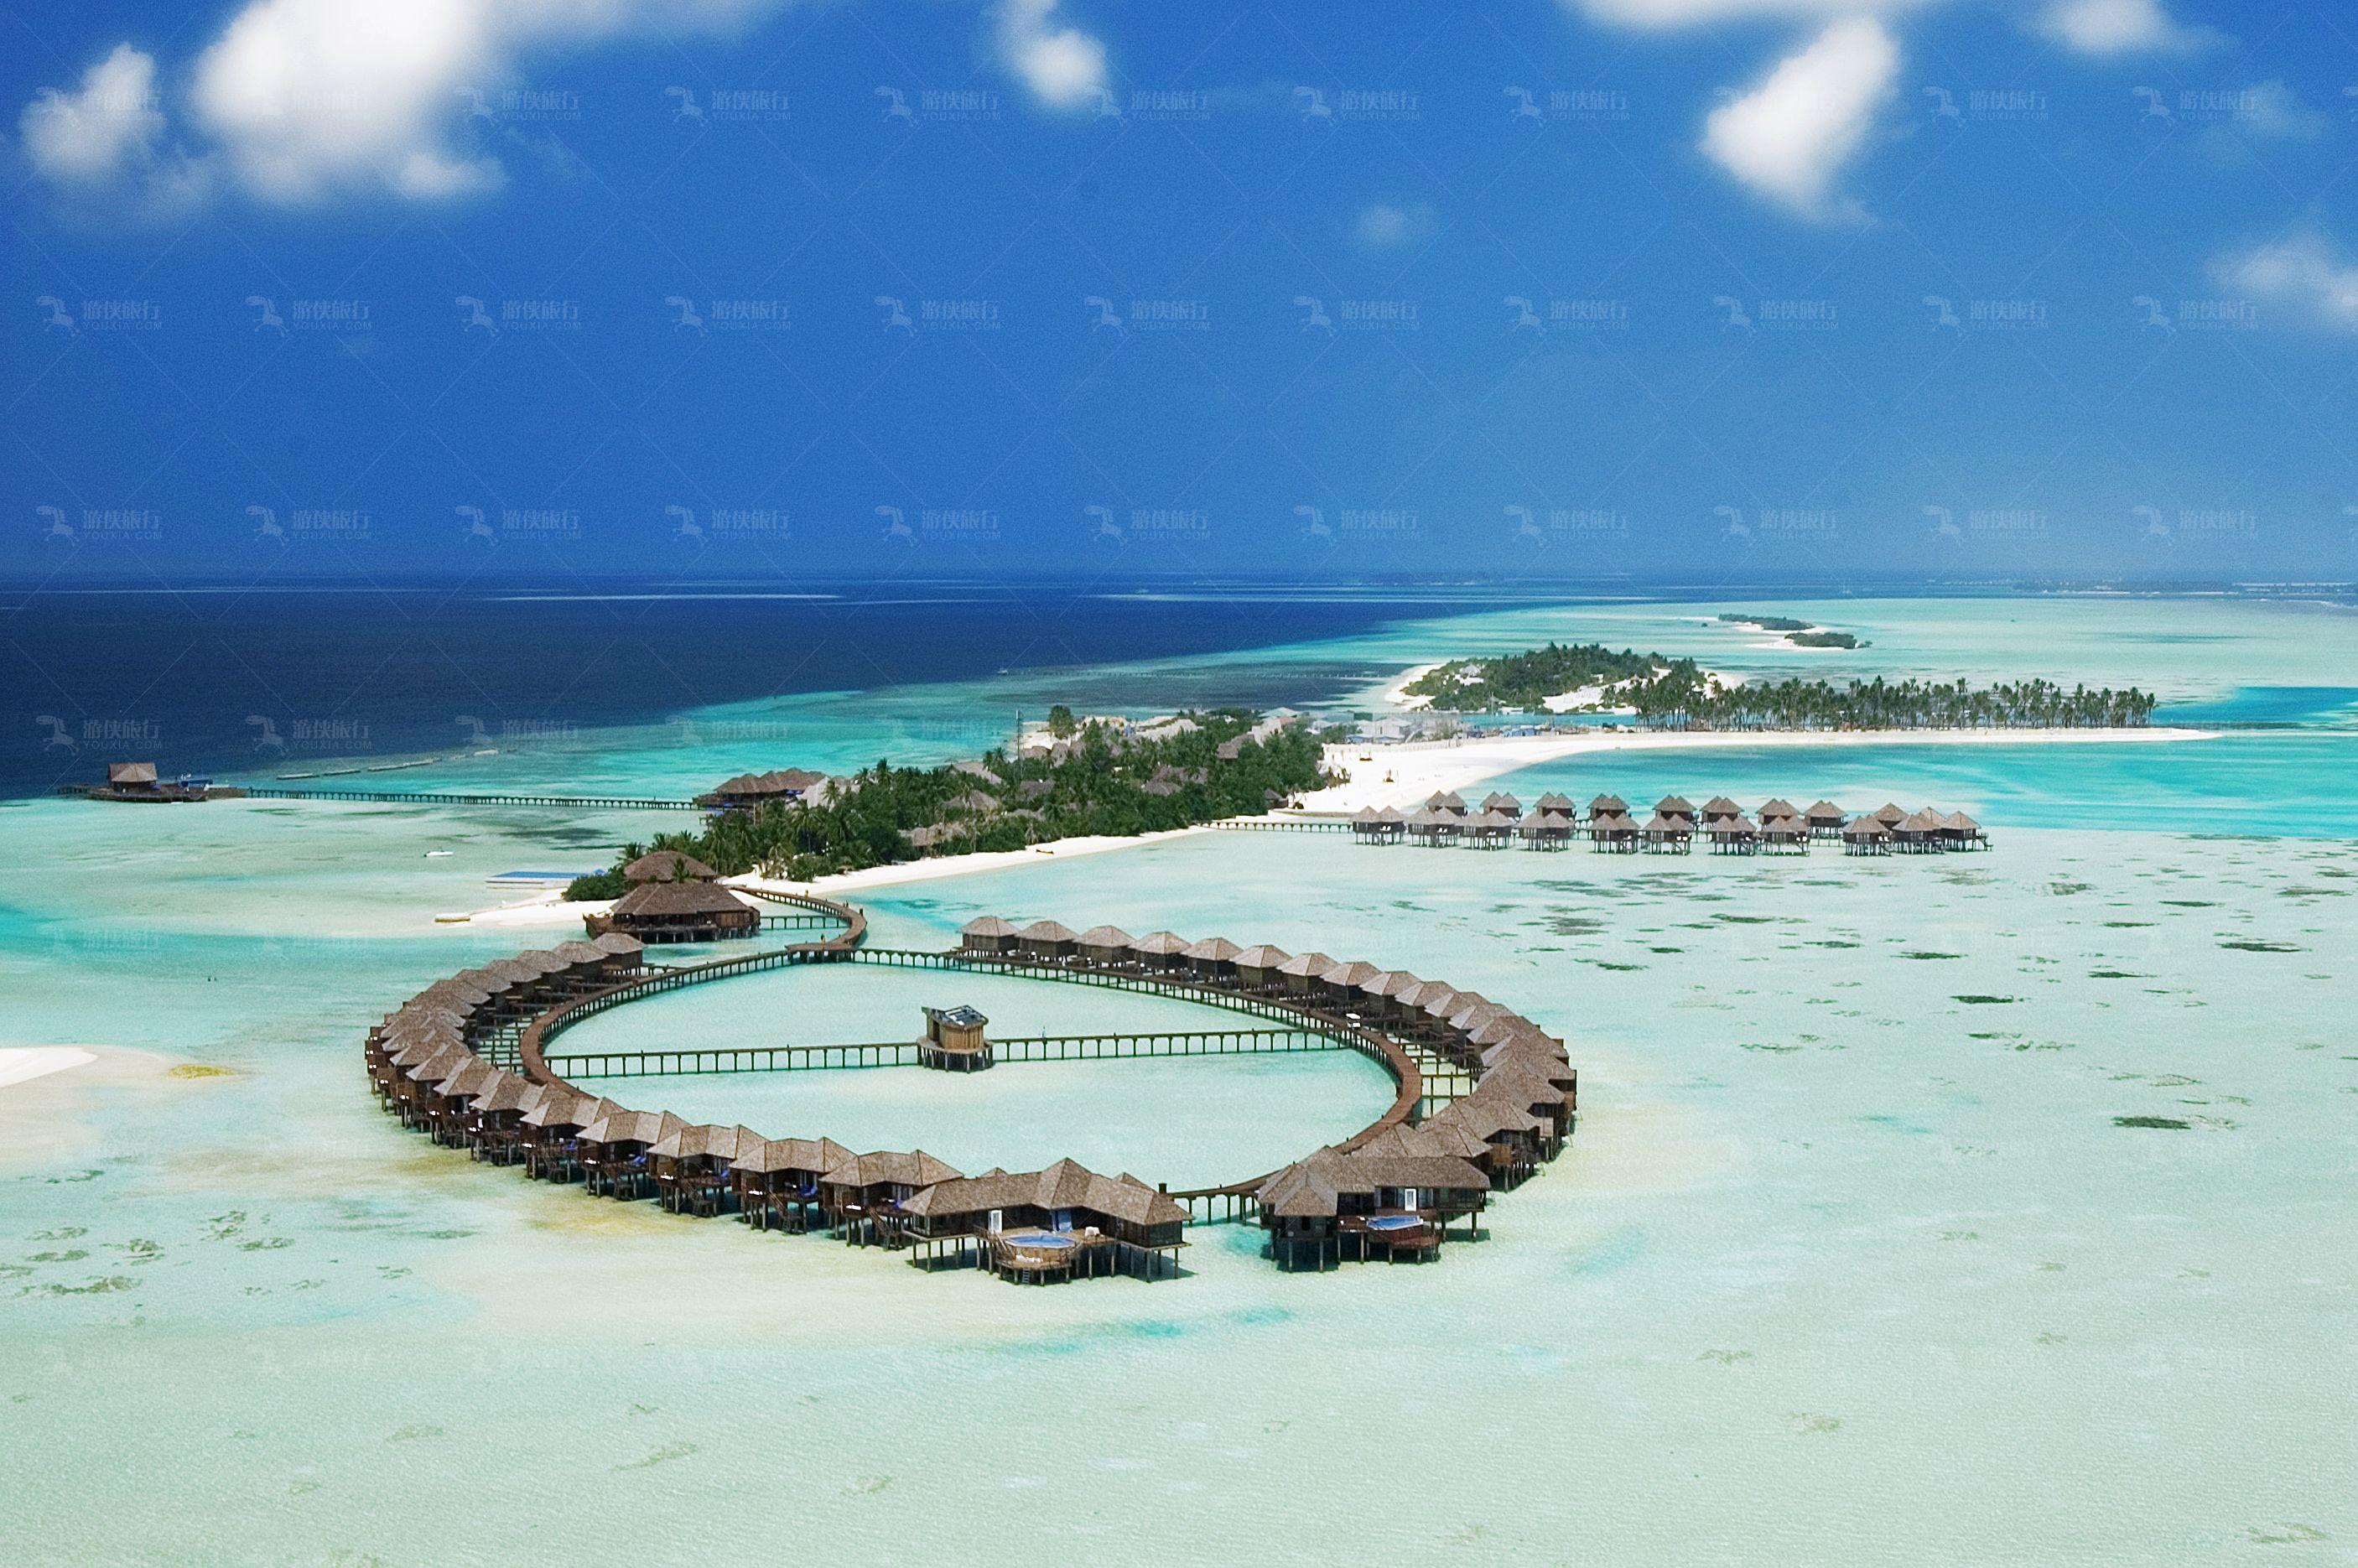 马尔代夫度假天堂